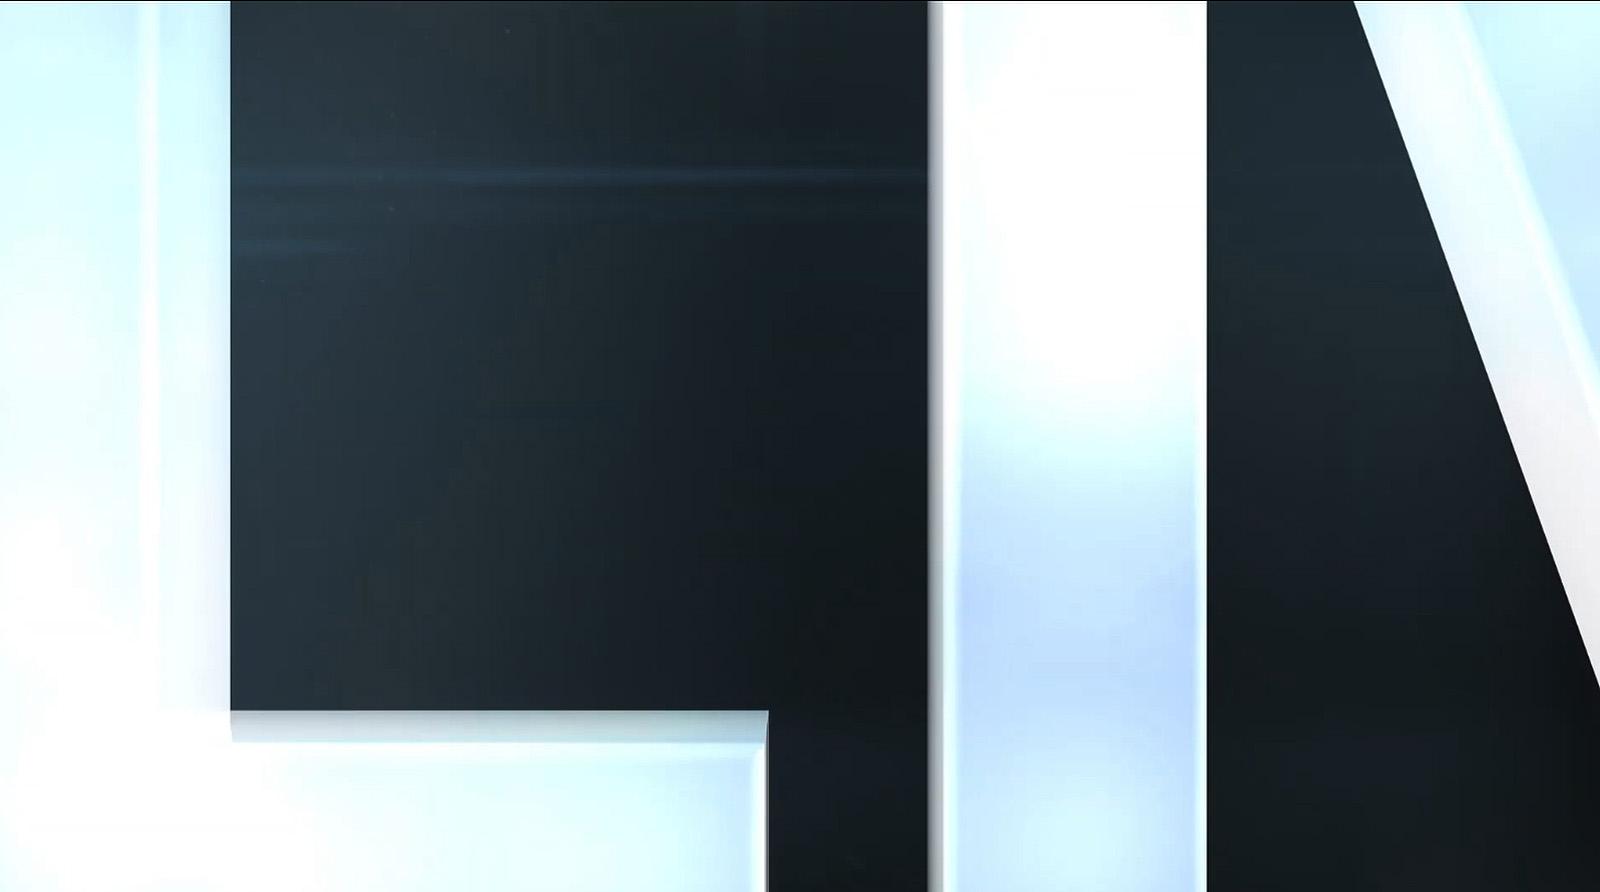 NCS_Court-TV-Branding-Motion-Design_002